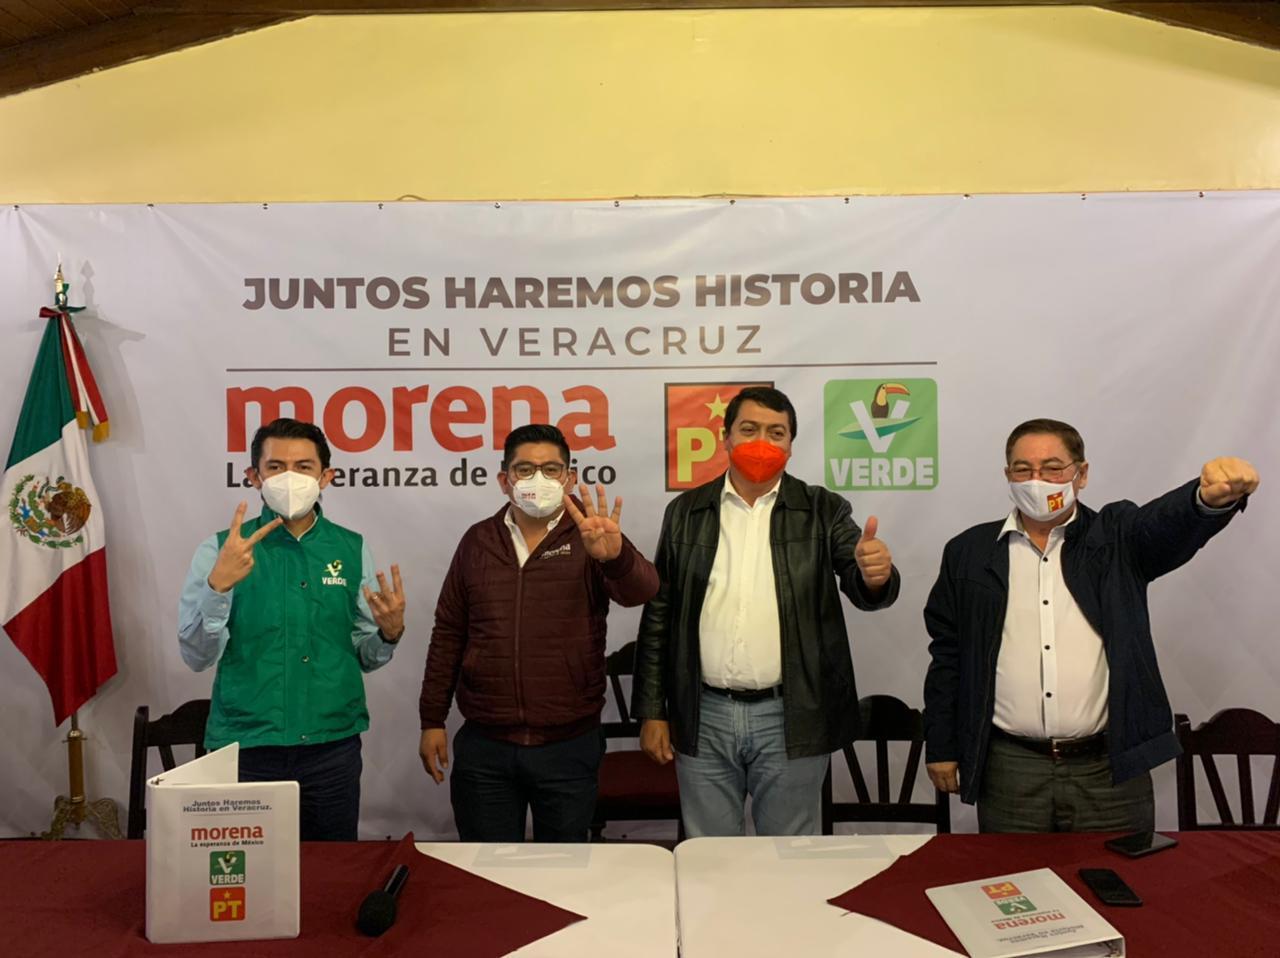 """En Veracruz """"Juntos haremos historia"""": Ramírez Zepeta"""